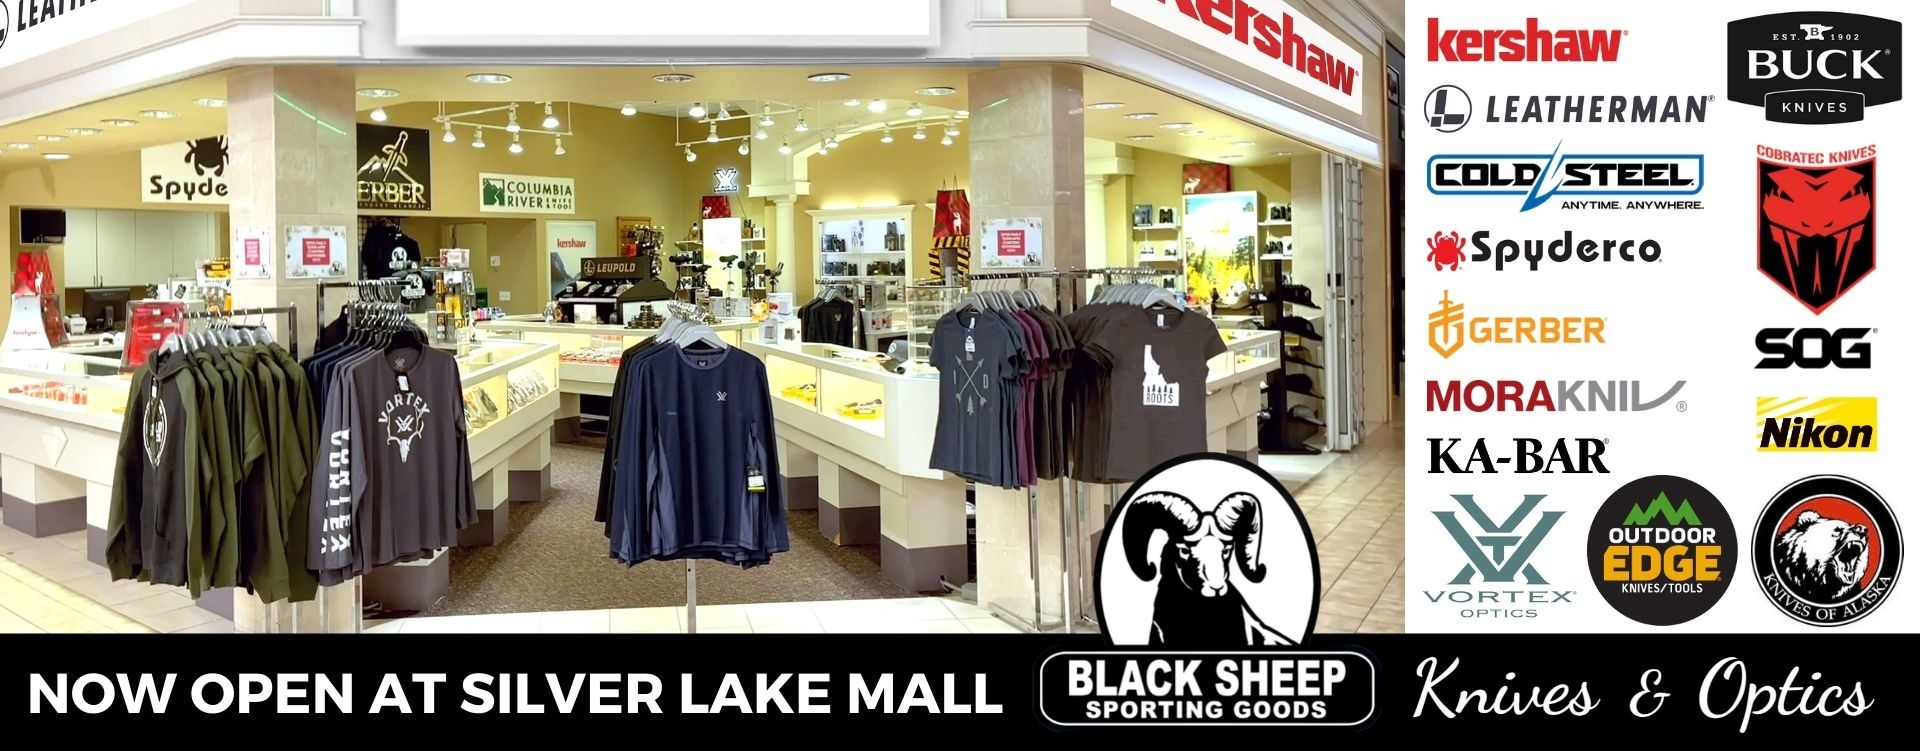 Black Sheep Knives & Optics at Silver Lake Mall